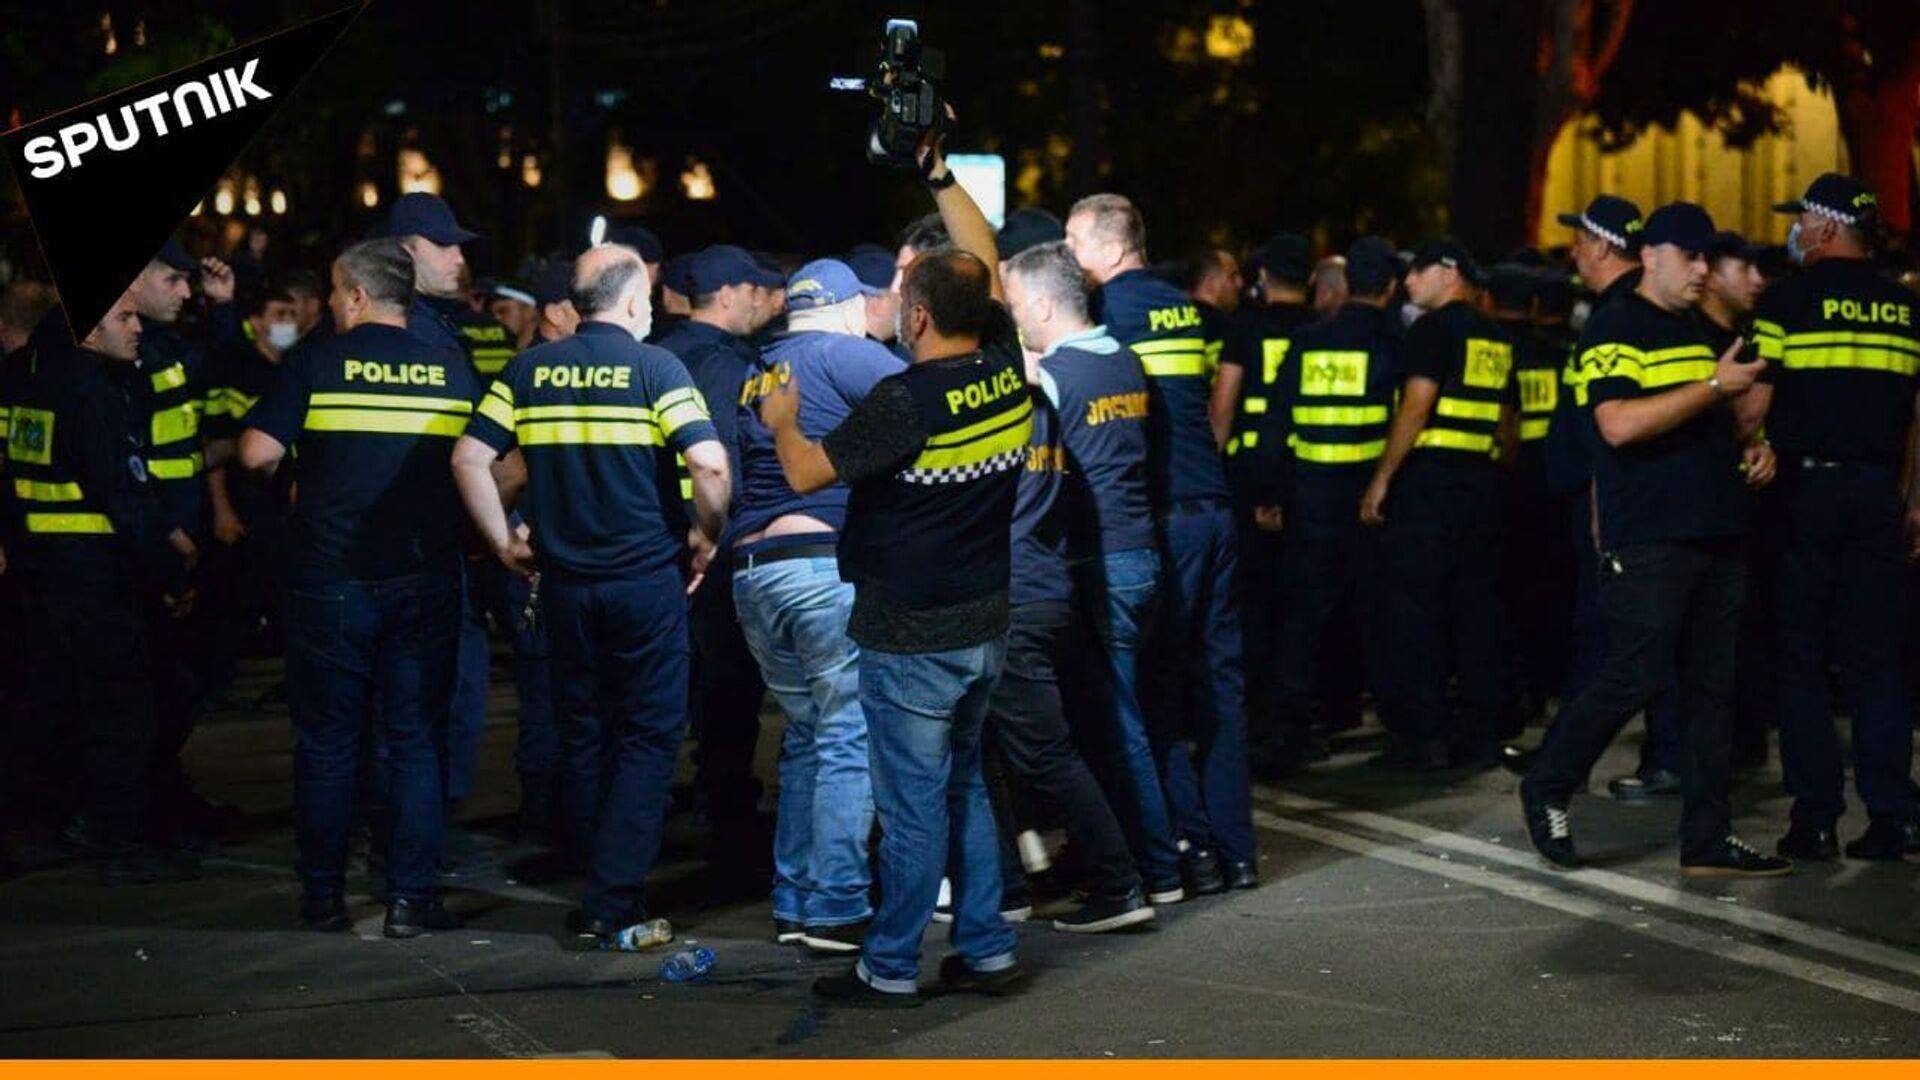 პოლიცია ორ ცეცხლს შუა თბილისში: აქცია და კონტრაქცია რუსთაველზე - Sputnik საქართველო, 1920, 24.08.2021